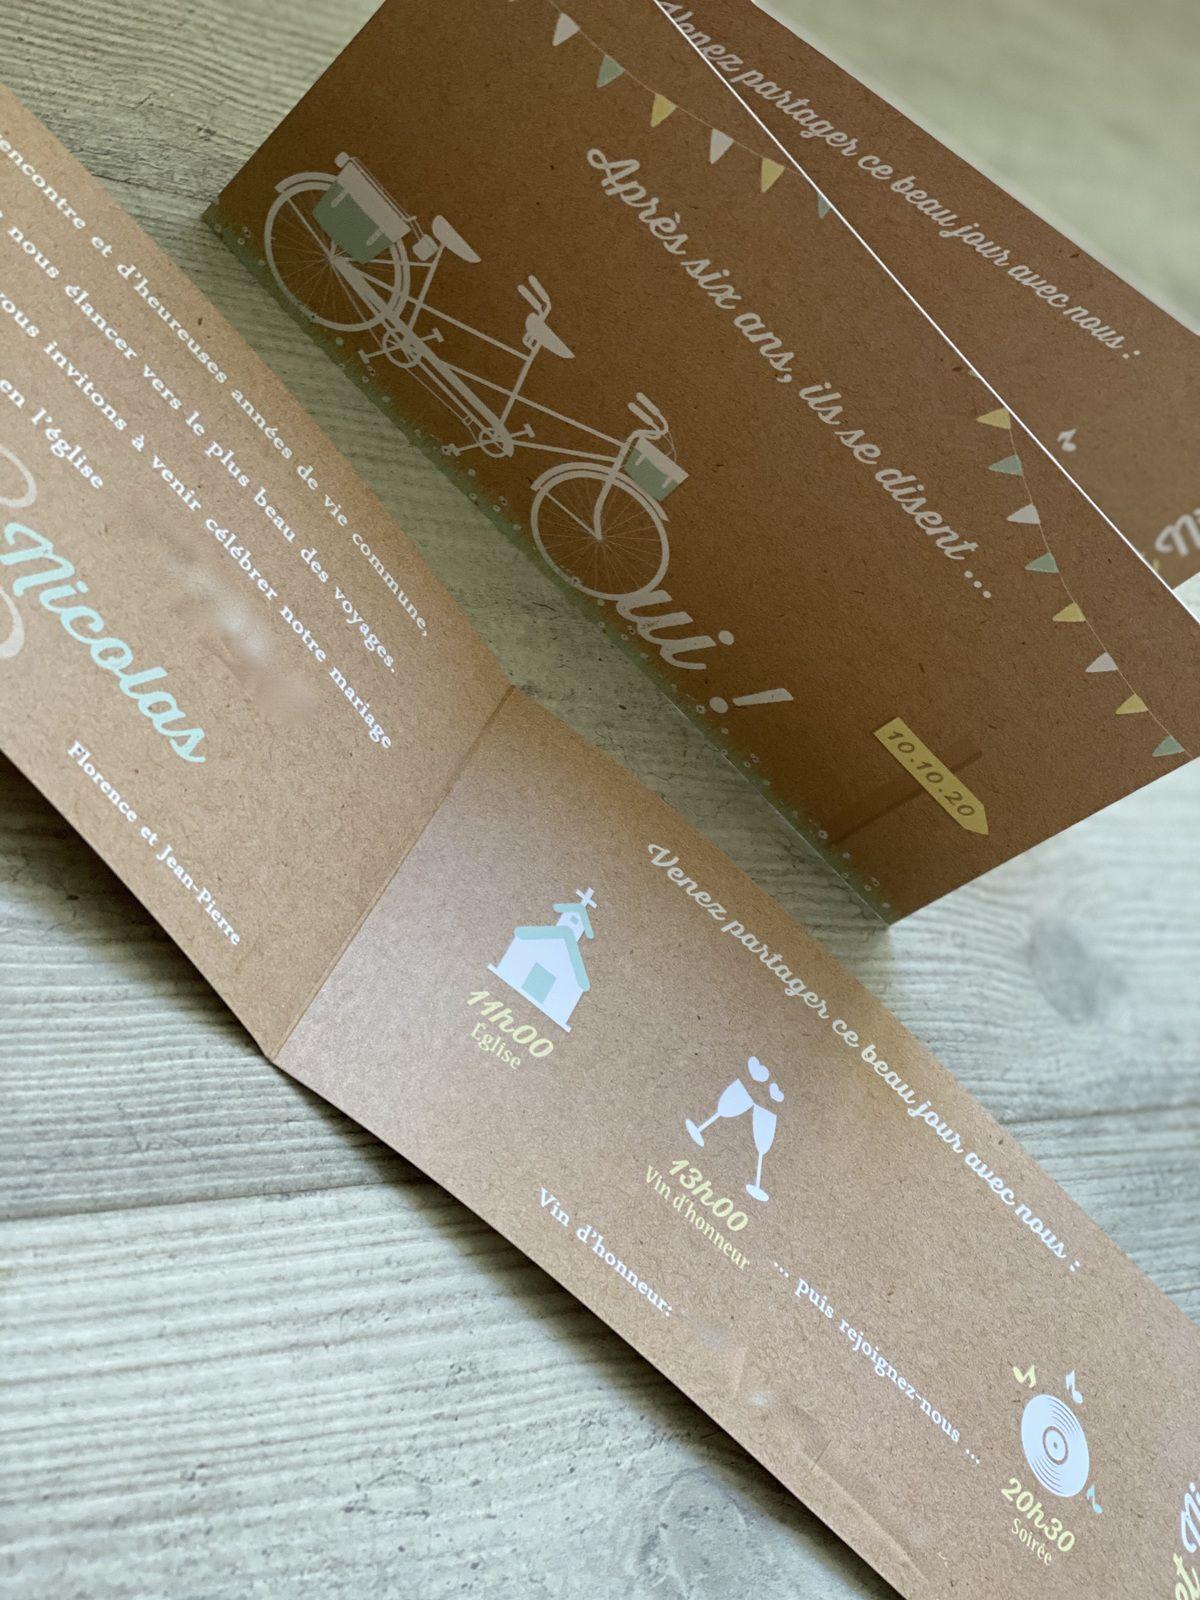 Faire part papeterie mariage thème tandem vélo #efdcbysoscrap impression fond type kraft recto verso 1 pli 21x10cm fermé texte et couleur à personnaliser fanions timeline pour le programme de la journée avec pictogrammes adresses et horaire du jour